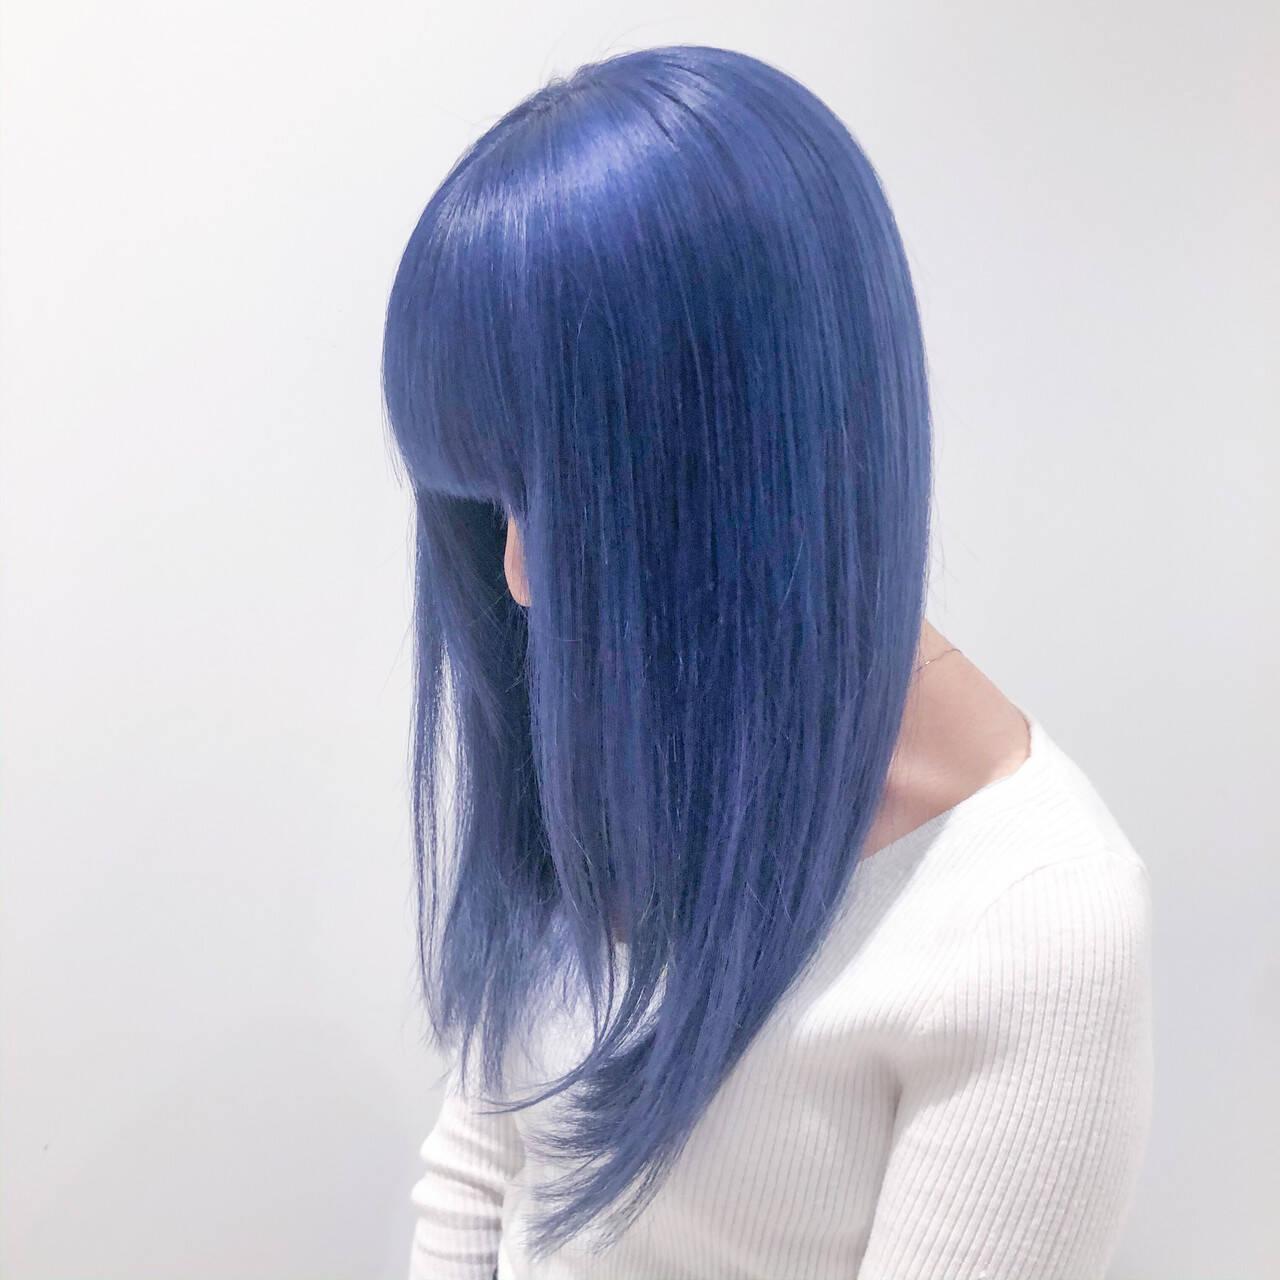 ブリーチオンカラー ブリーチカラー ホワイトブリーチ ブリーチヘアスタイルや髪型の写真・画像